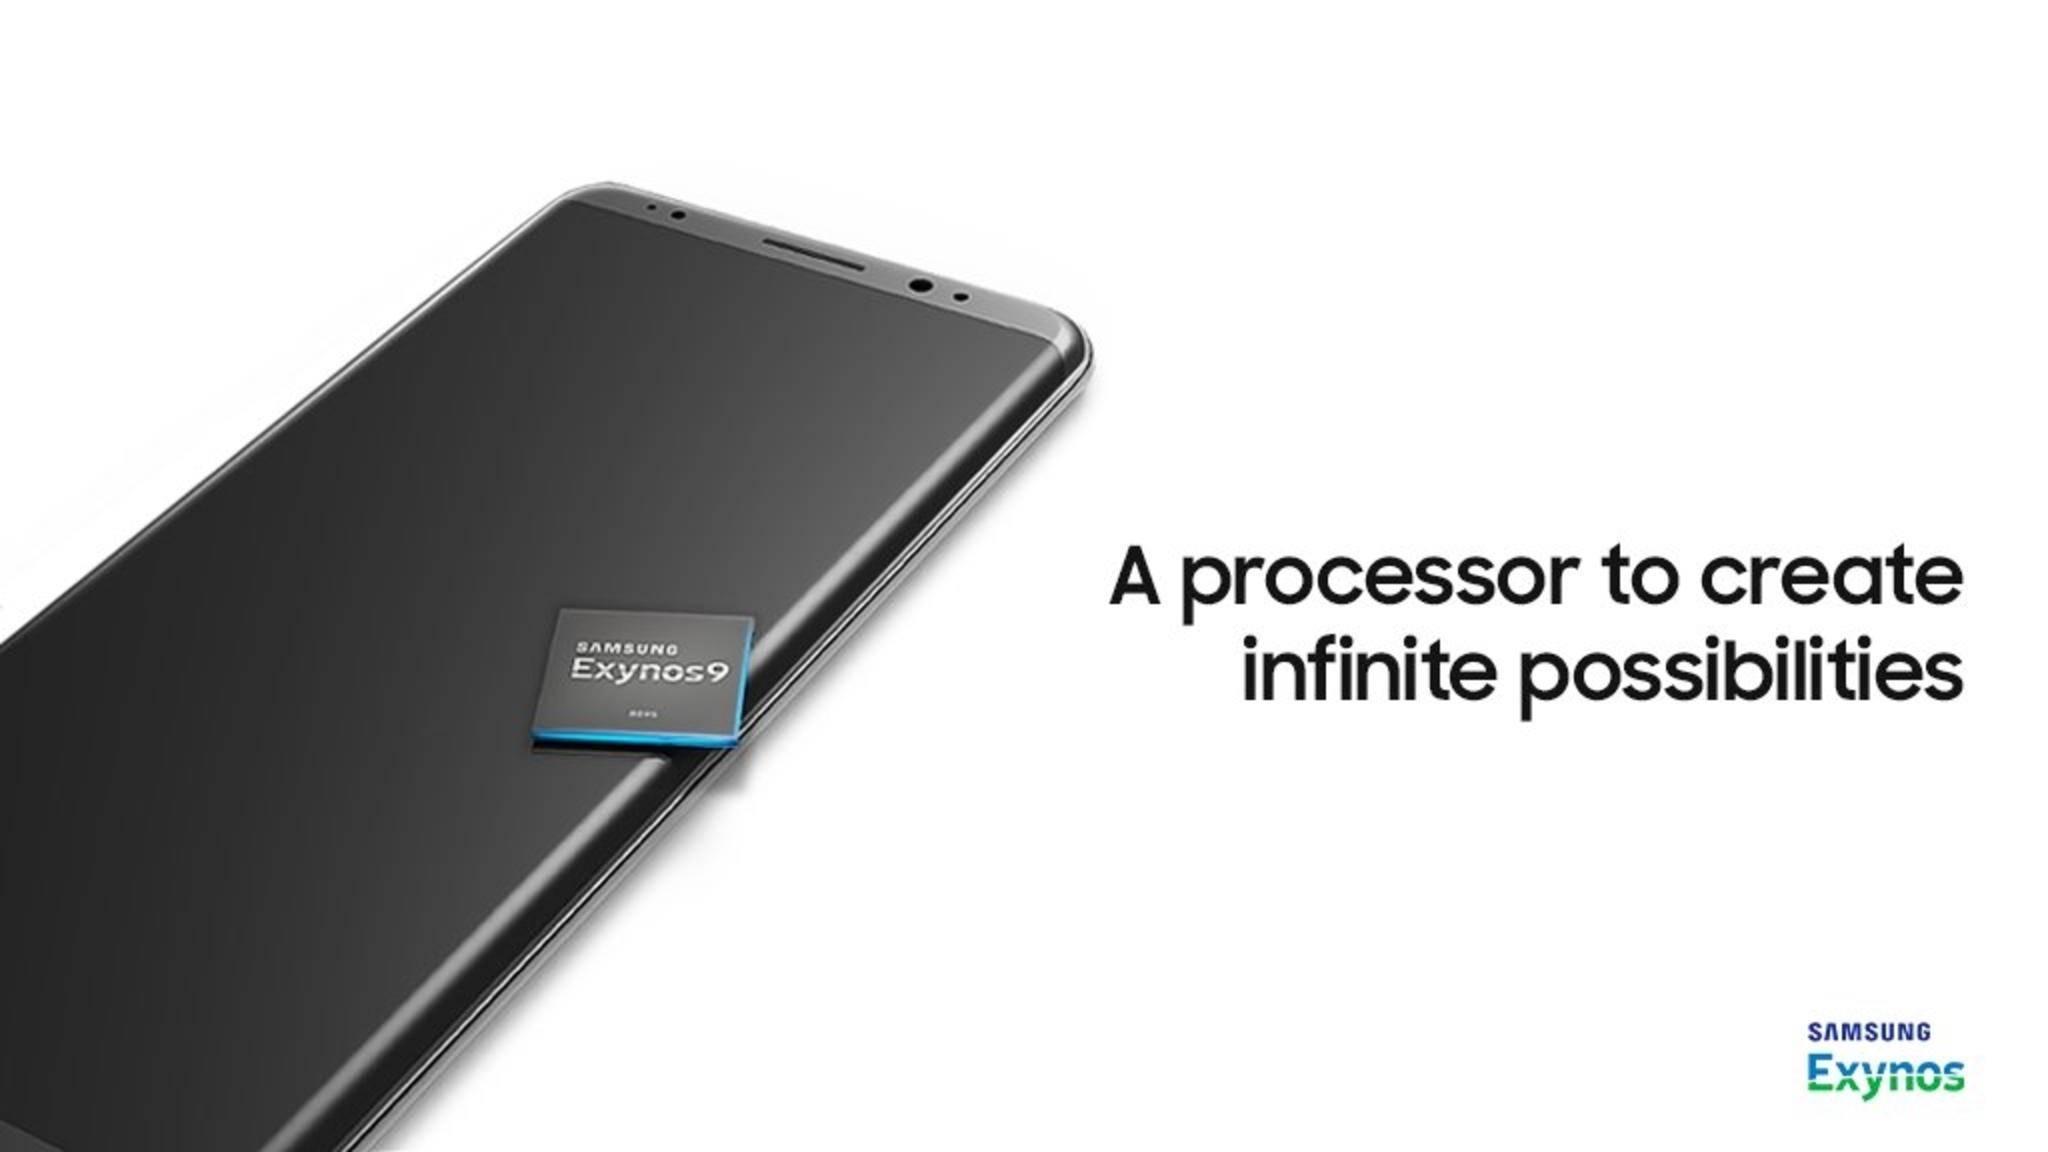 Wird es der neue Exynos-Chip mit dem Apple A11 Bionic aufnehmen können?